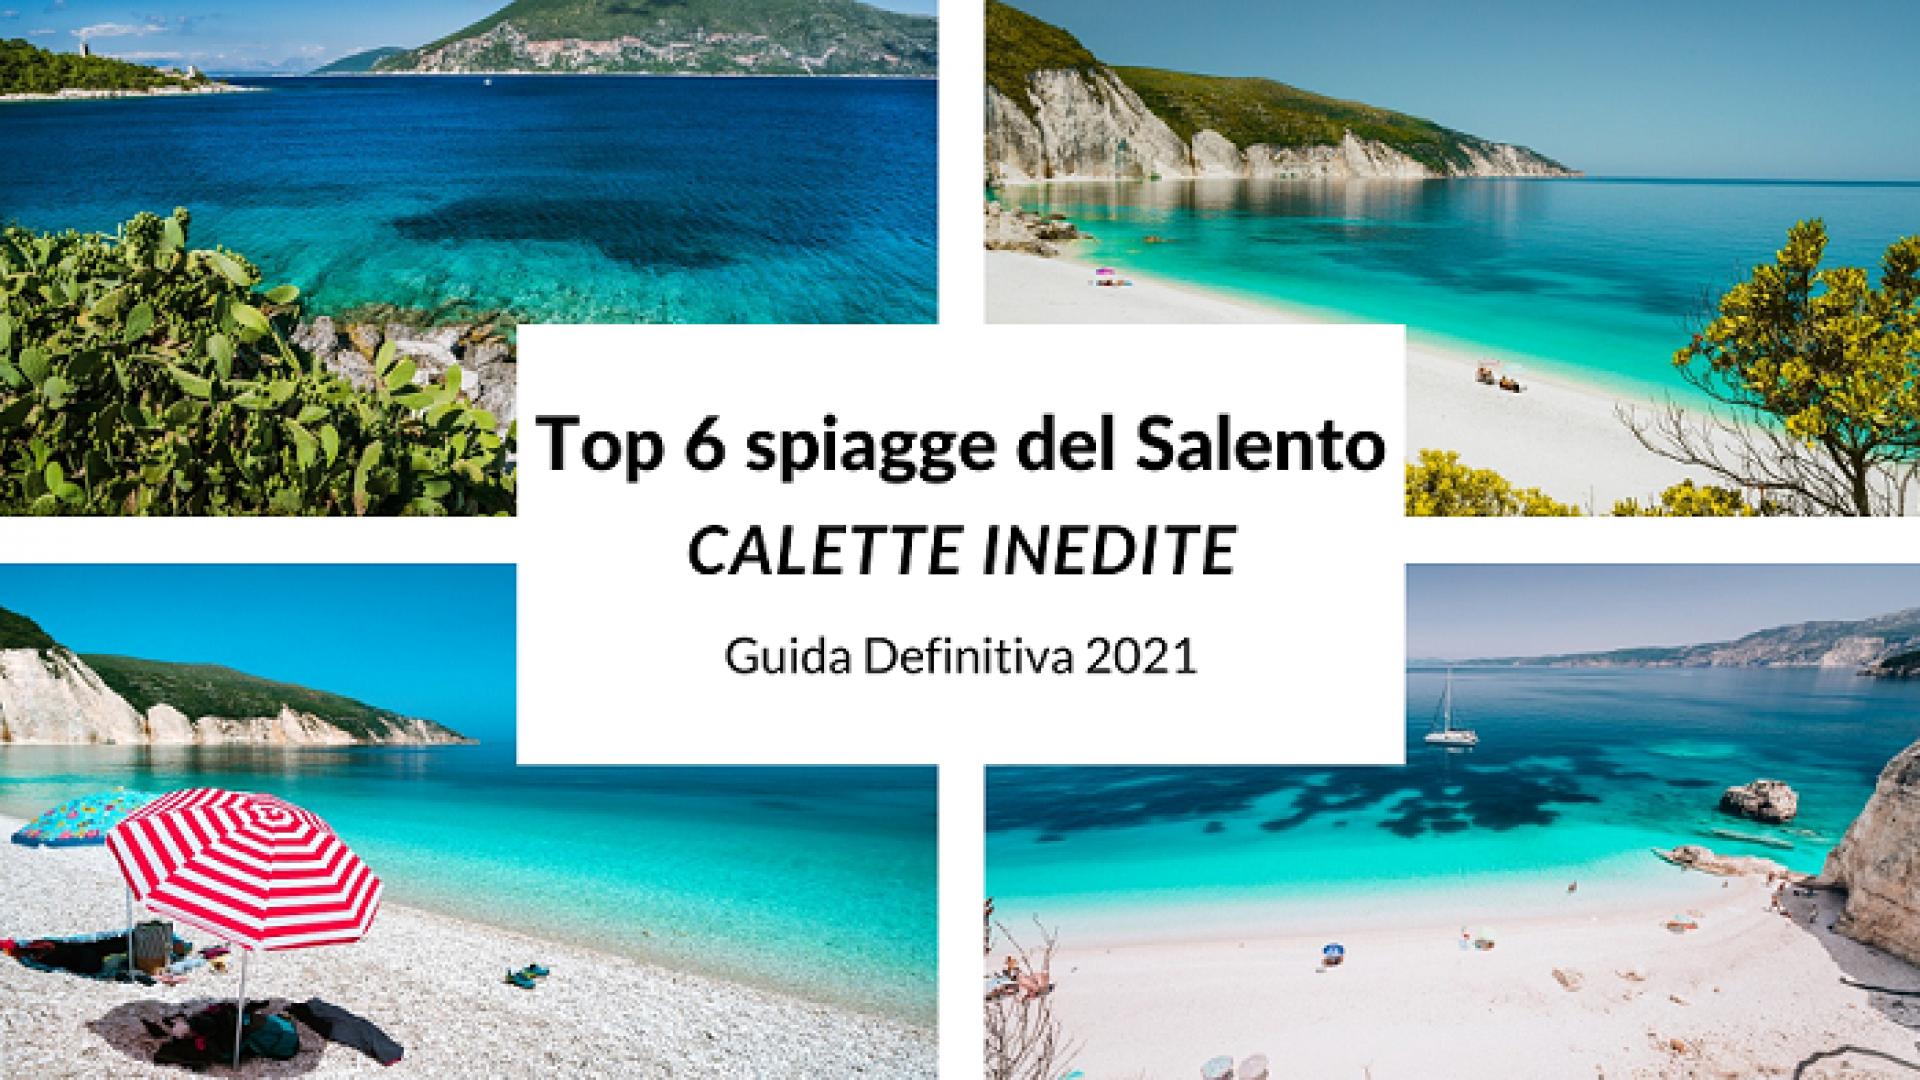 Cartina Spiagge Puglia Salento.Le Migliori Spiagge Del Salento Sfatiamo I Miti Ignas Tour